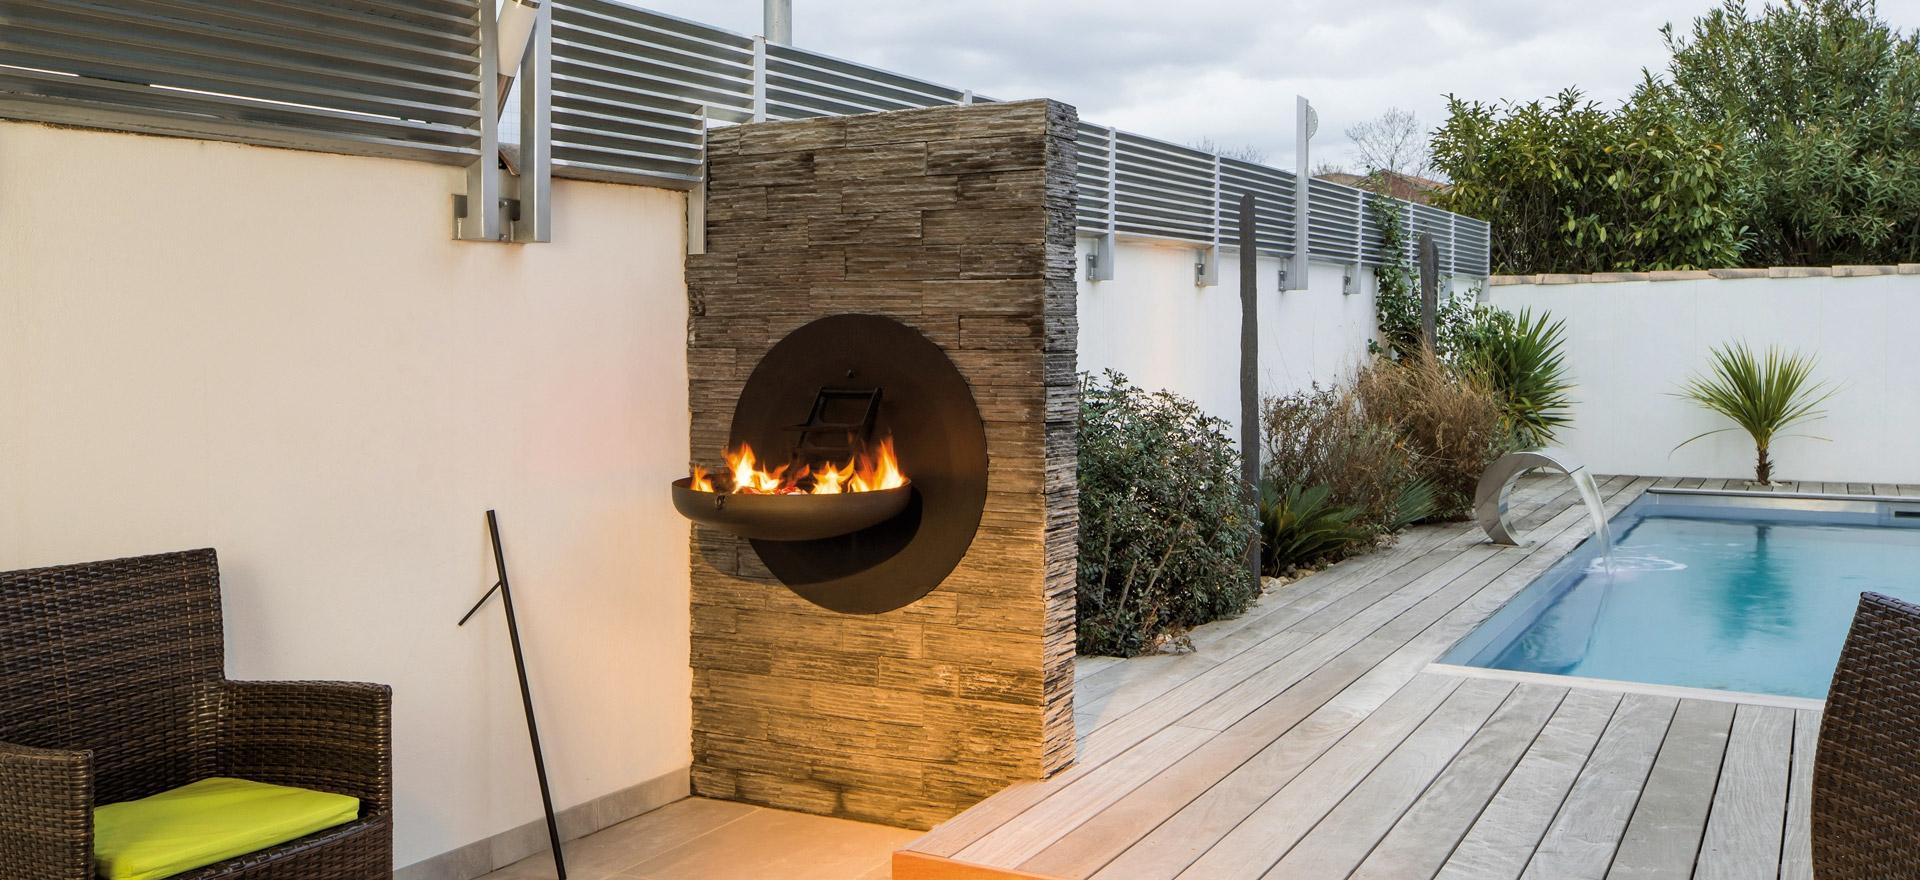 Kamin Outdoor - Focus Kamine für den Aussenbereich